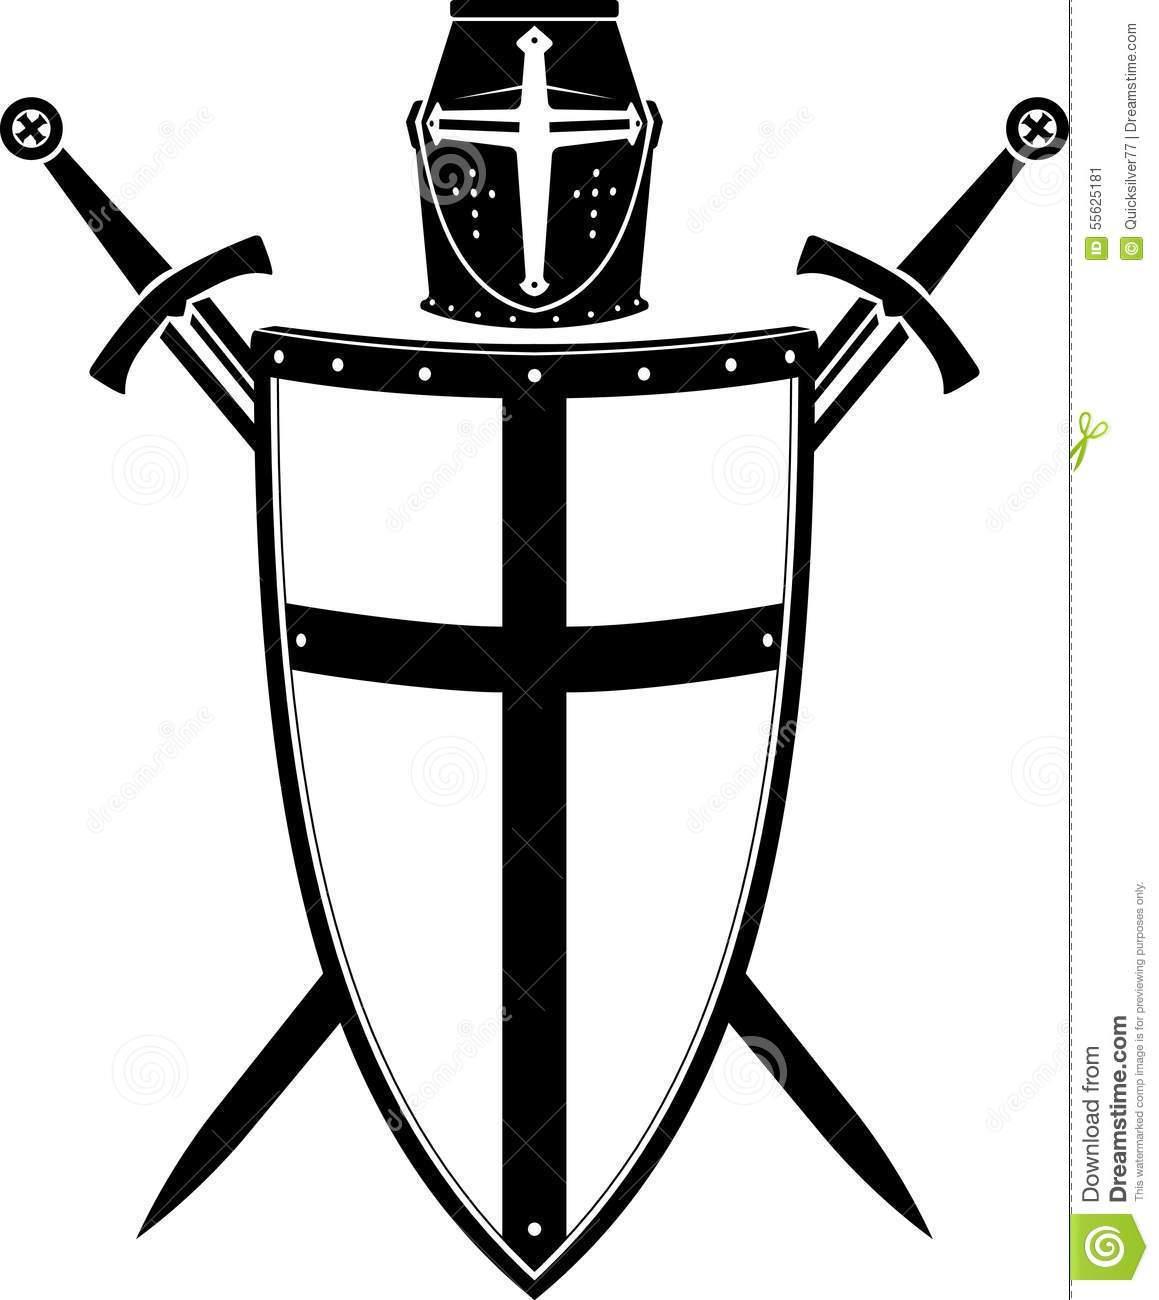 Crusader clipart black and white Crusader shield clipart 9 » Clipart Portal black and white